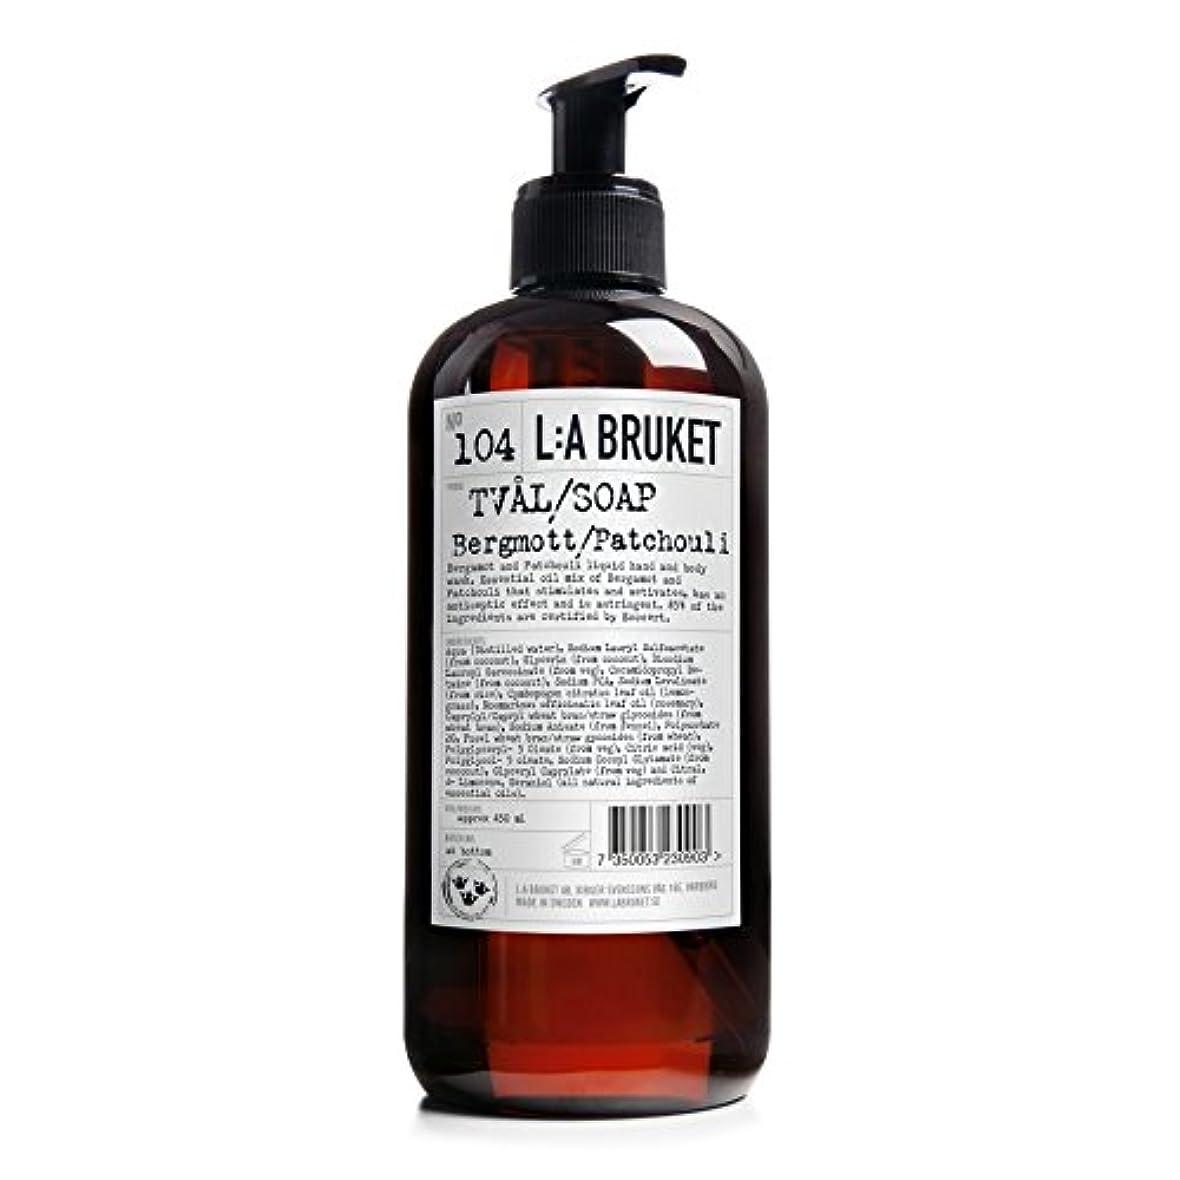 鎮痛剤ギャンブル暗くするL:A Bruket Bruket Bergamot and Patchouli Liquid Soap 450ml - :のベルガモット及びパチョリ液体石鹸450ミリリットル [並行輸入品]